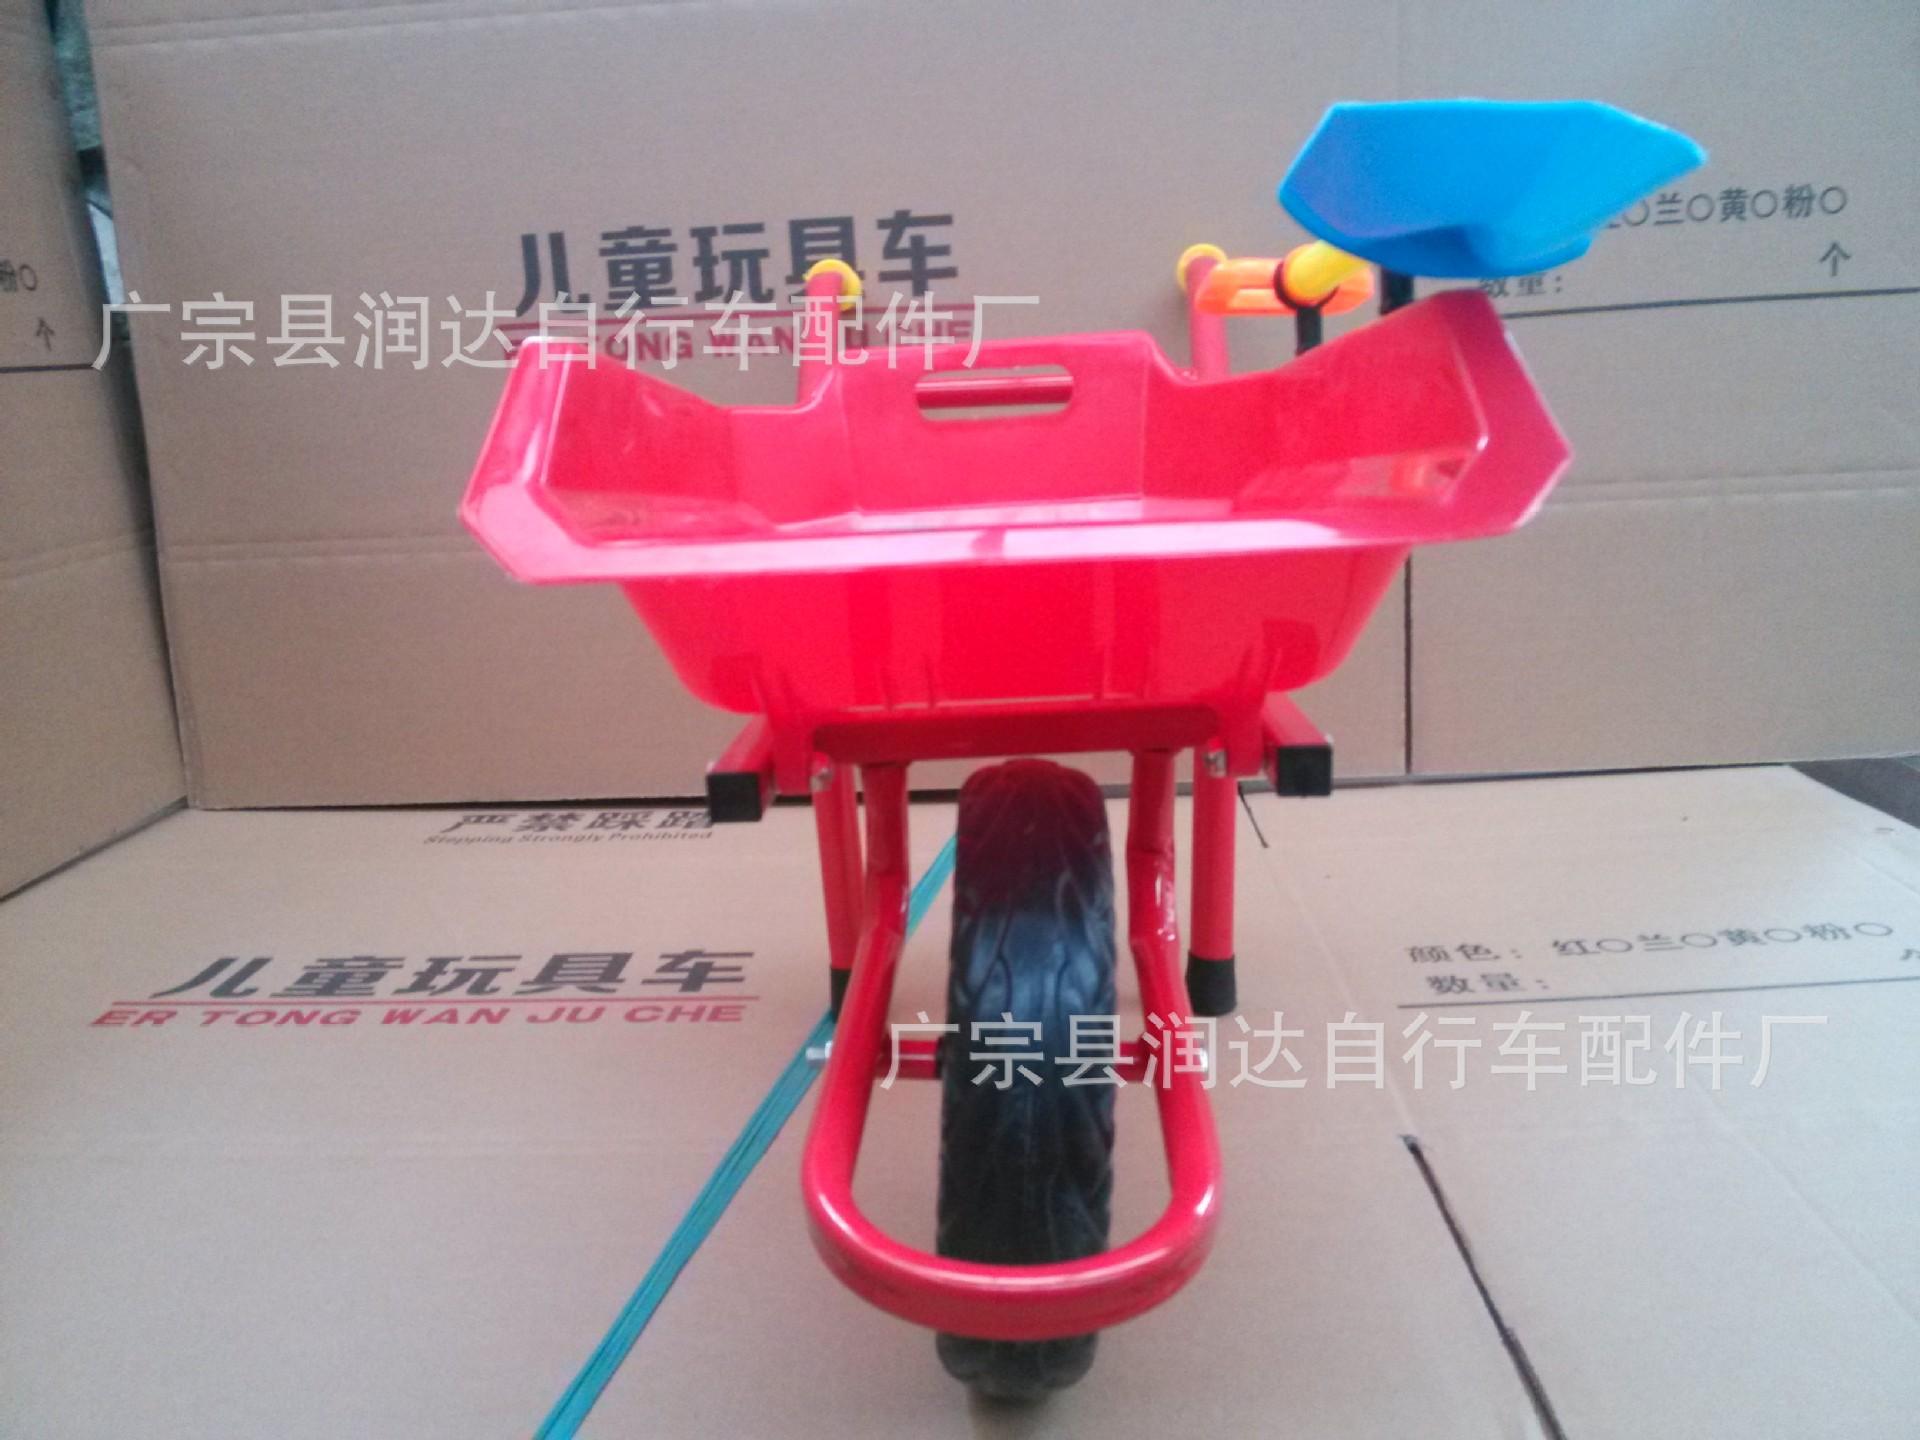 厂家热销儿童沙滩独轮车 儿童小推车 独轮翻斗车 附赠彩色塑料铲